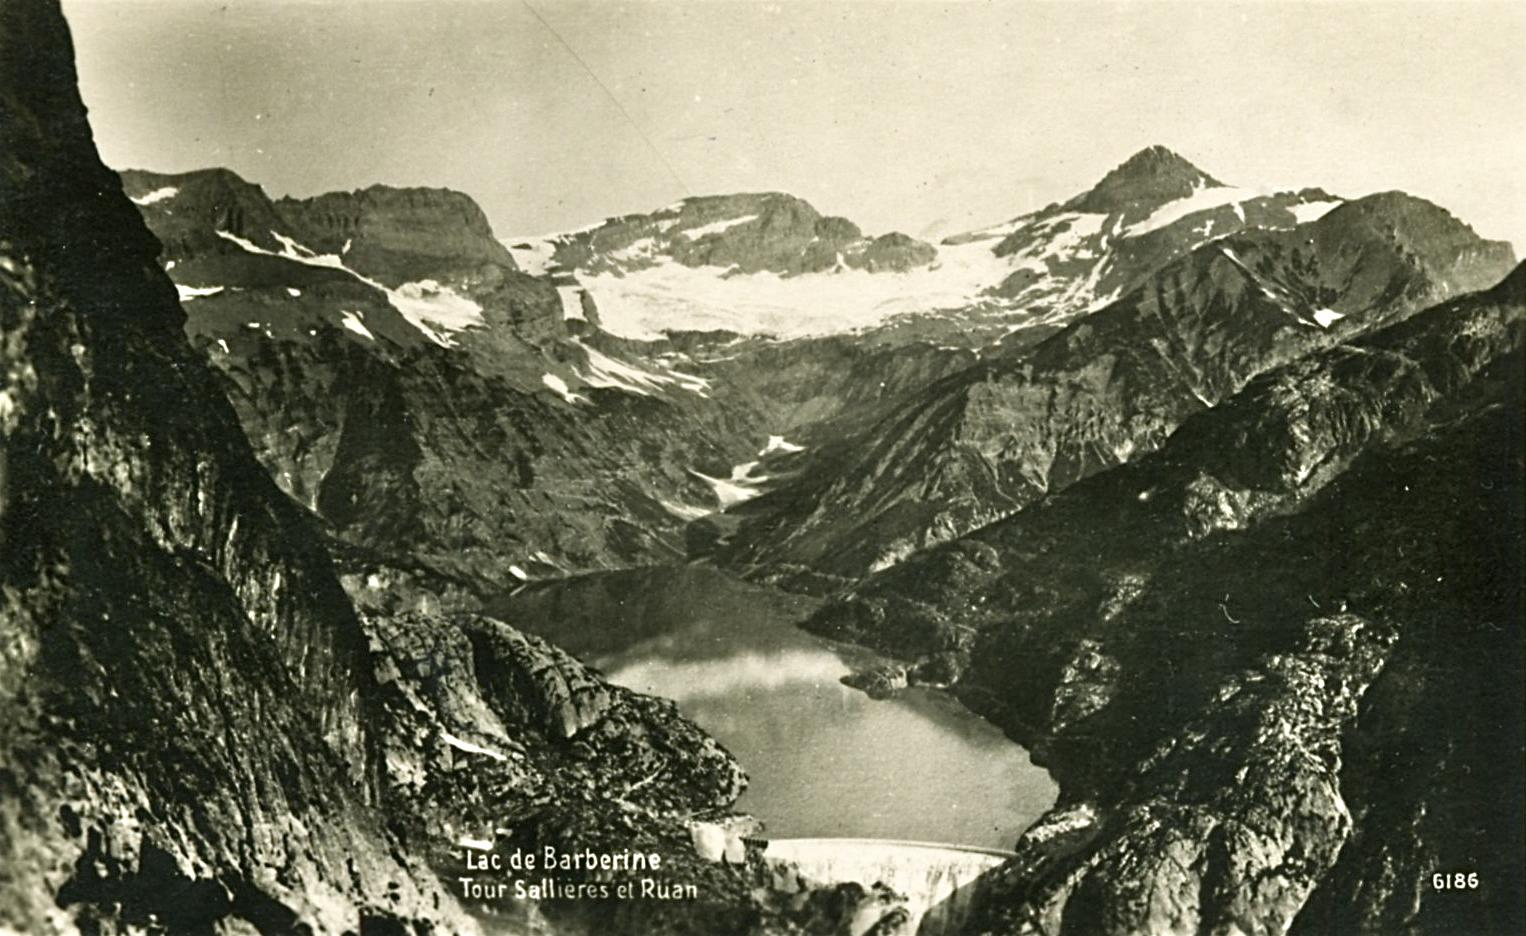 (2) Presa Barberine, situada en el cantón suizo de Valais. Tarjeta Postal. © Notre Histoire